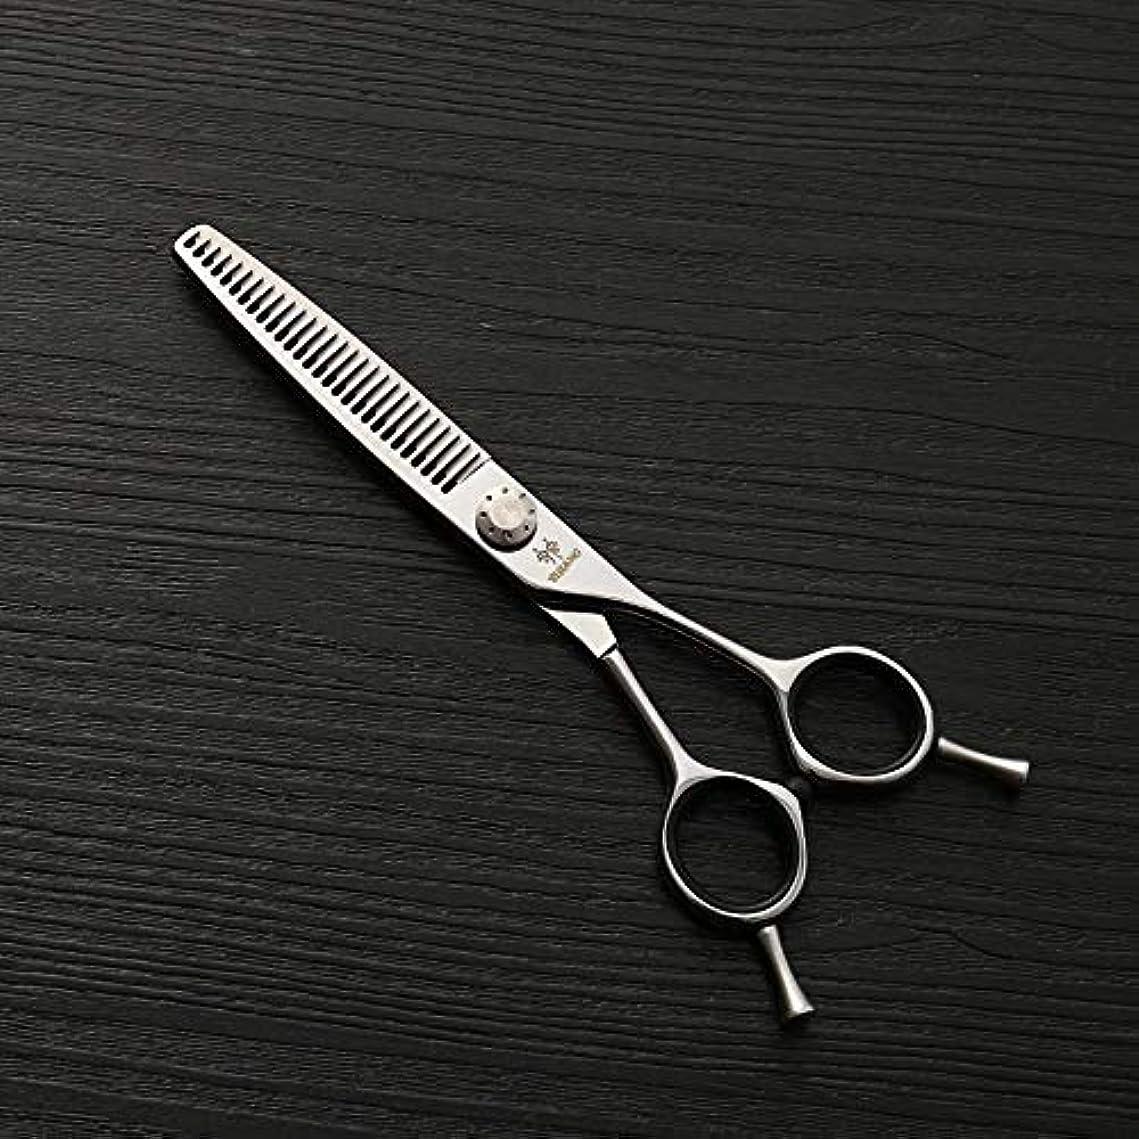 忙しい離れて大いに6インチの美容院の専門のステンレス鋼の毛の切断用具はさみ、細い歯の切断の魚骨はさみ モデリングツール (色 : Silver)